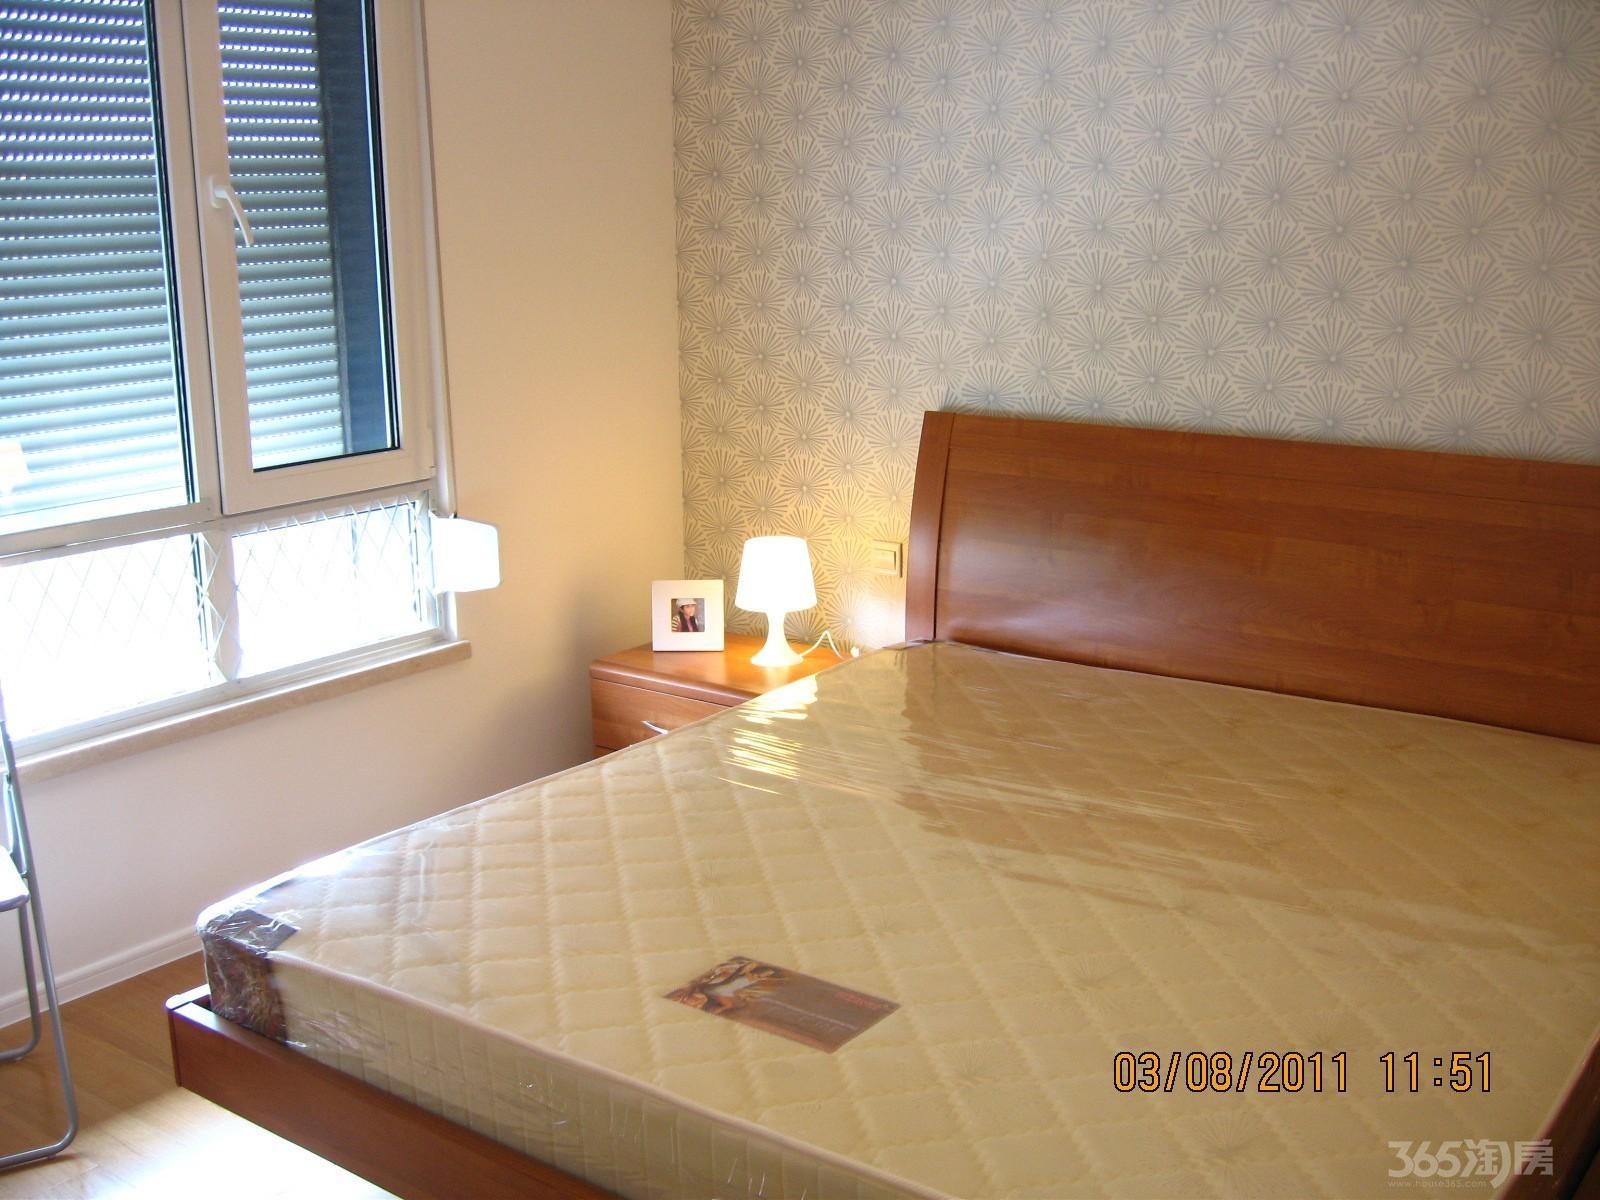 朗诗国际街区1室1厅1卫60平米整租精装